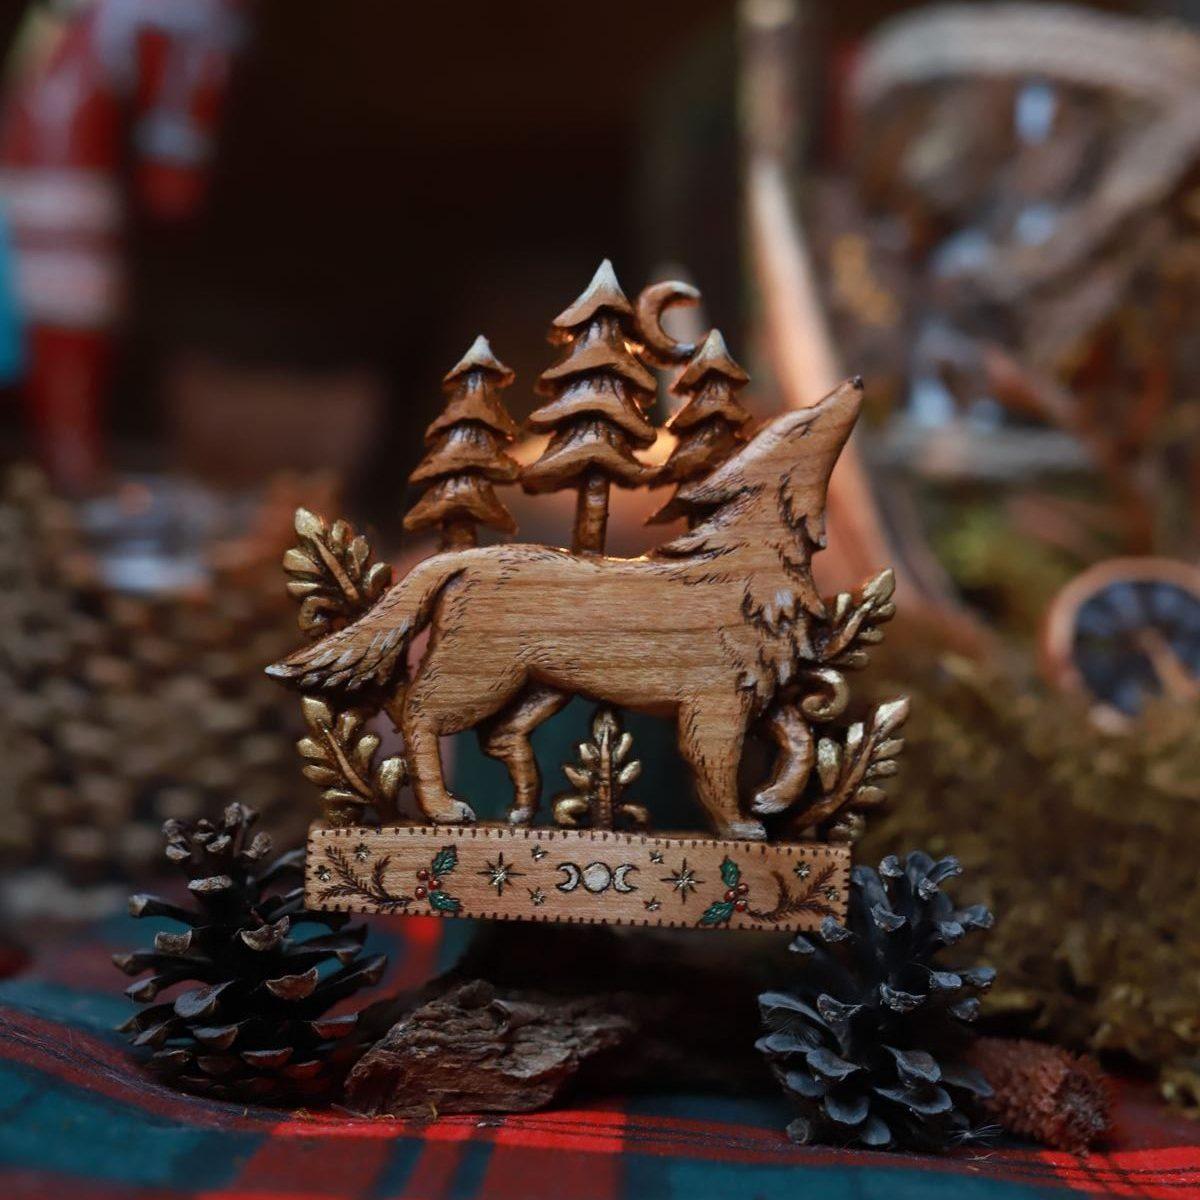 Loup, hiver, bois, décoration, sculpture, artisanat français, normandie, écologique, éthique, responsable, idée cadeau, esprit de noël, rustique